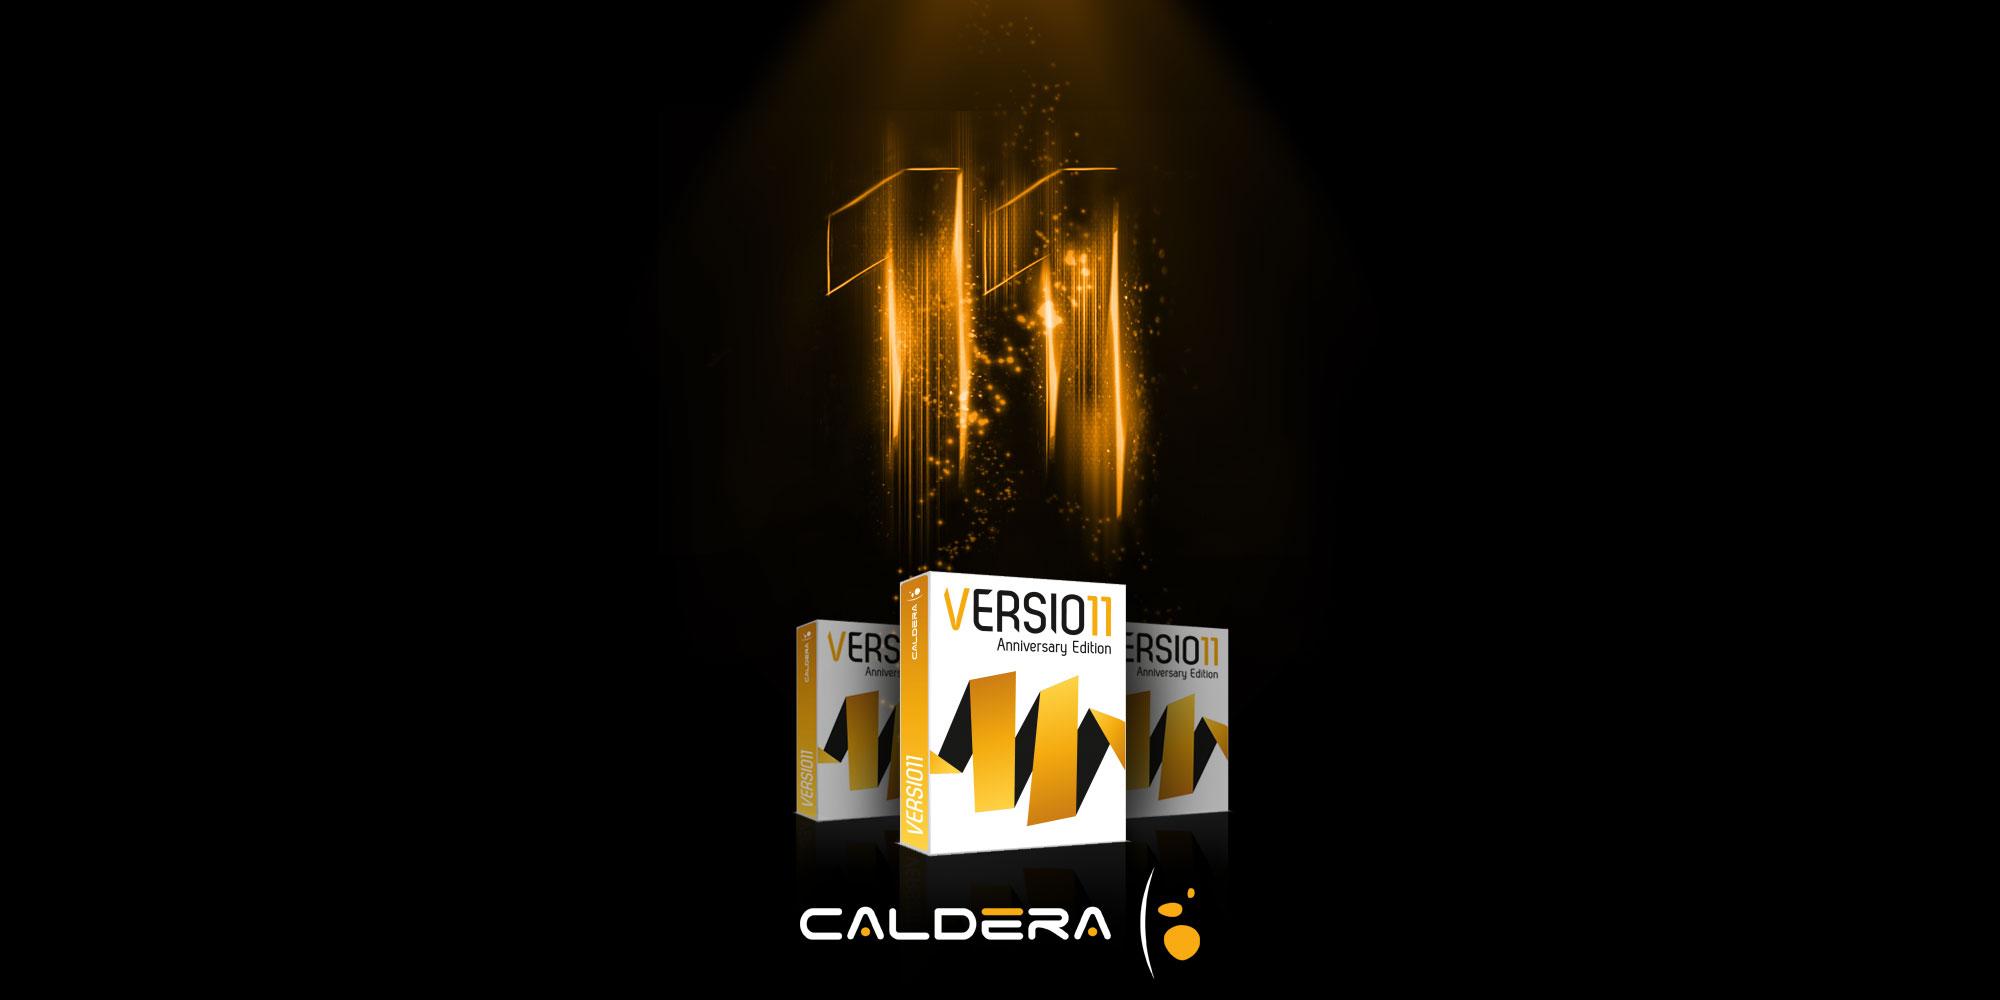 caldera-software-rip-version-11